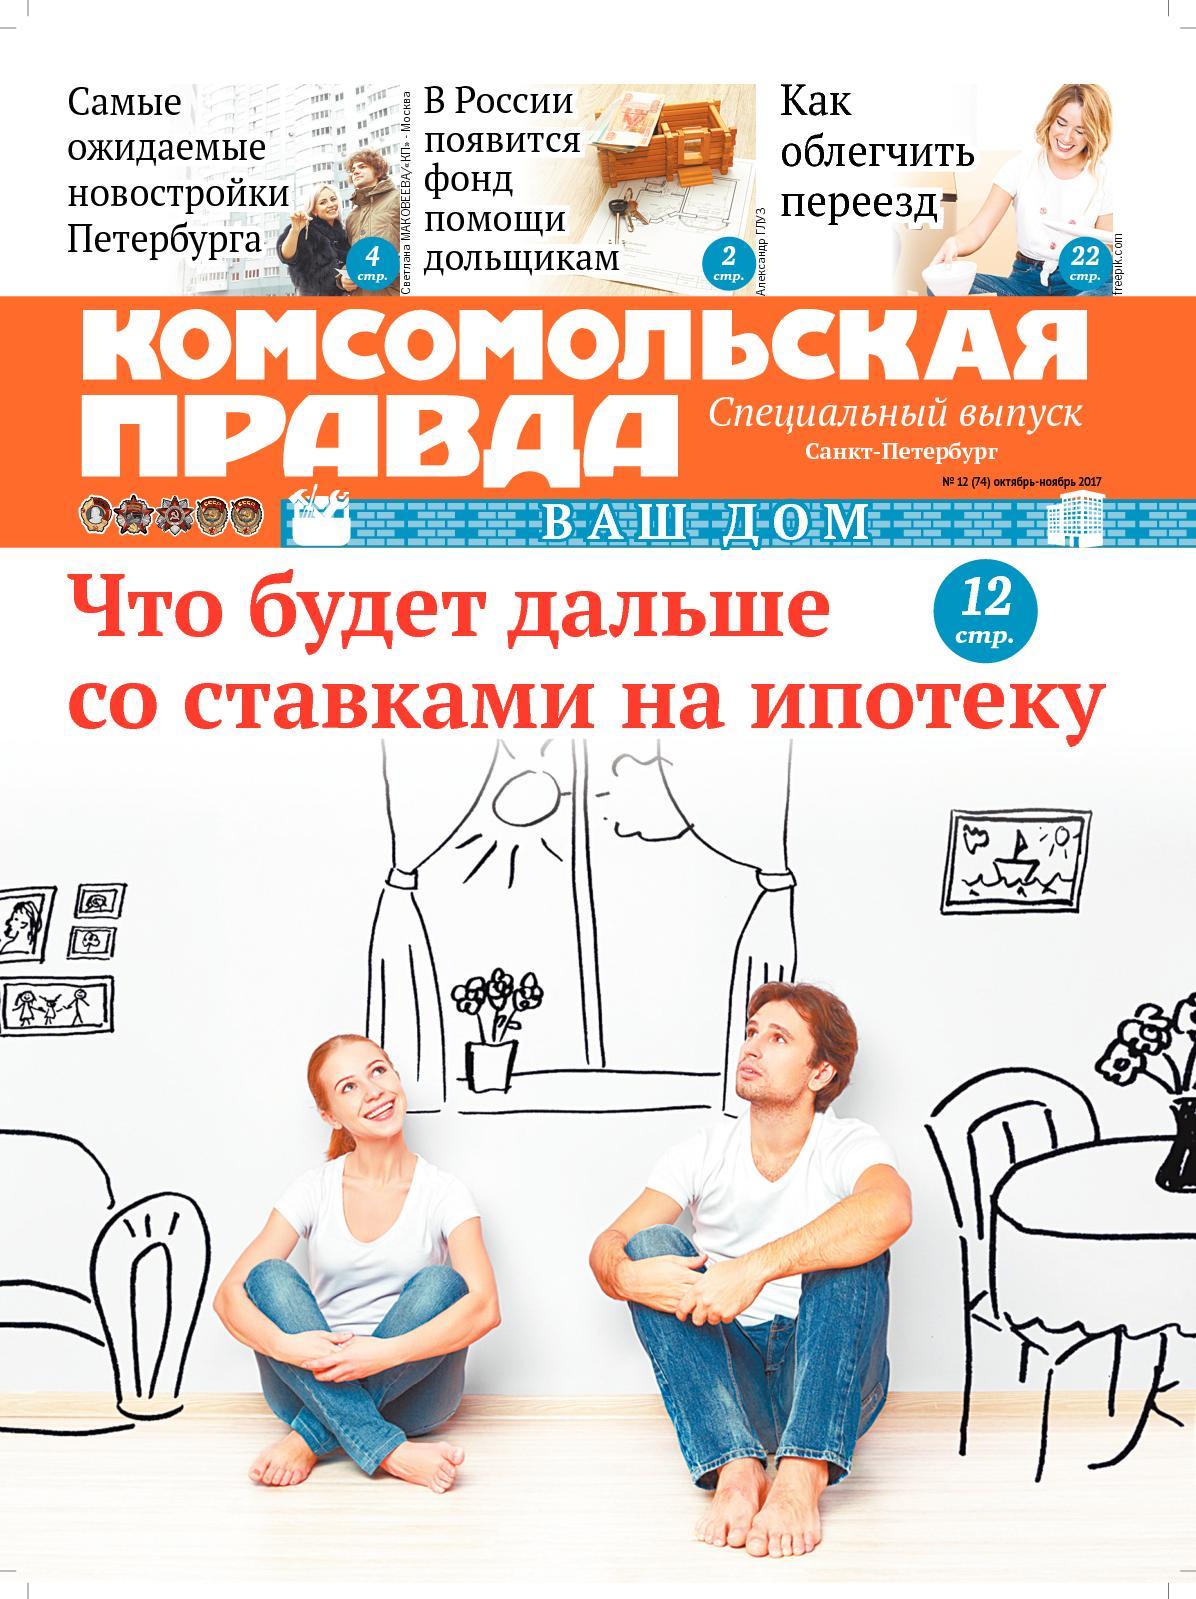 Купить справку 2 ндфл Красносельская Верхняя улица документы для кредита в москве Веселая улица